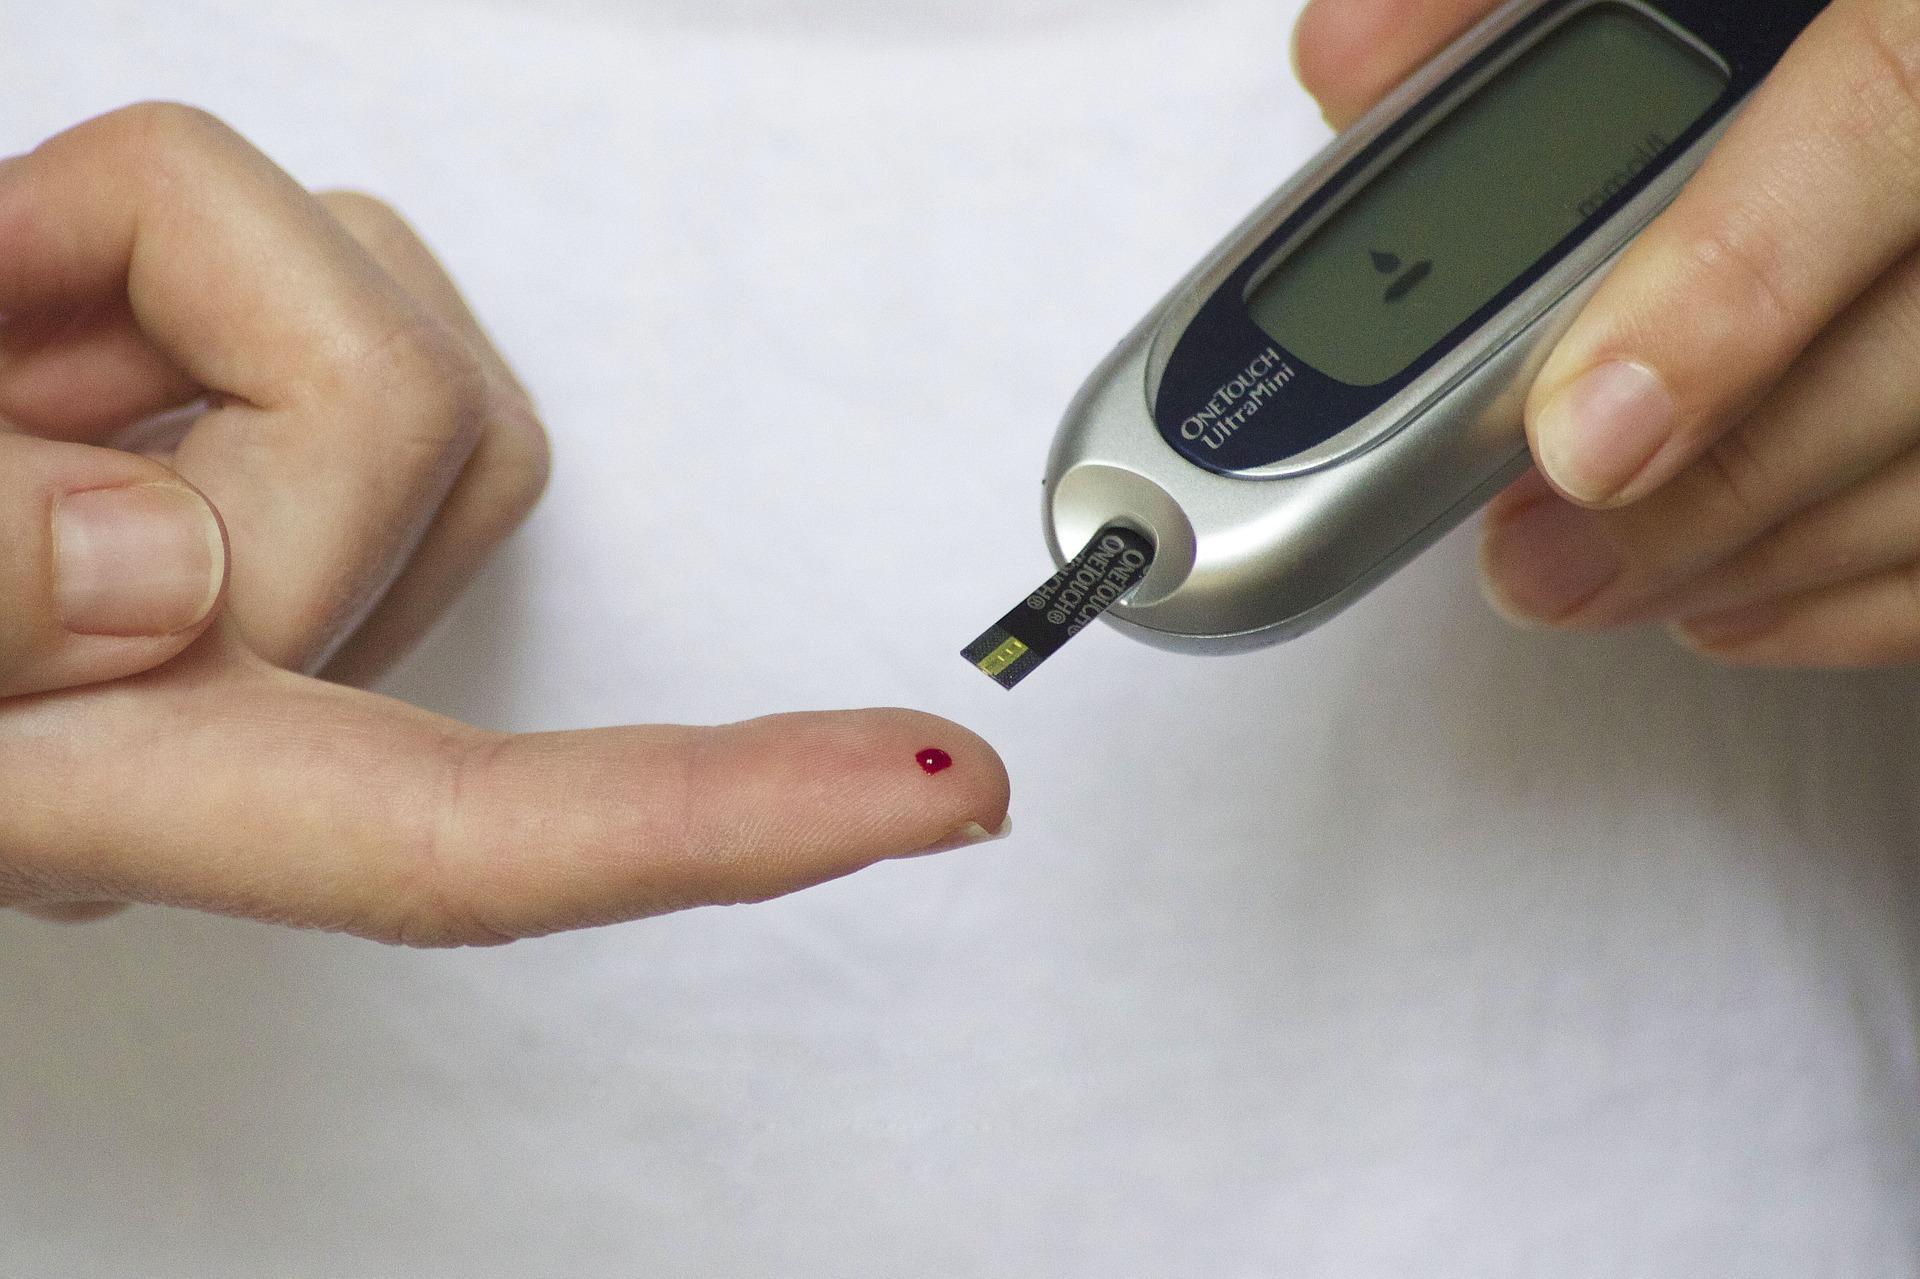 기존 혈당측정기의 한계를 극복할 새로운 혈당측정기 원리를 국내 연구팀이 개발했다. 사진은 일반적인 혈액 측정기 모습이다. -사진 제공 픽사베이